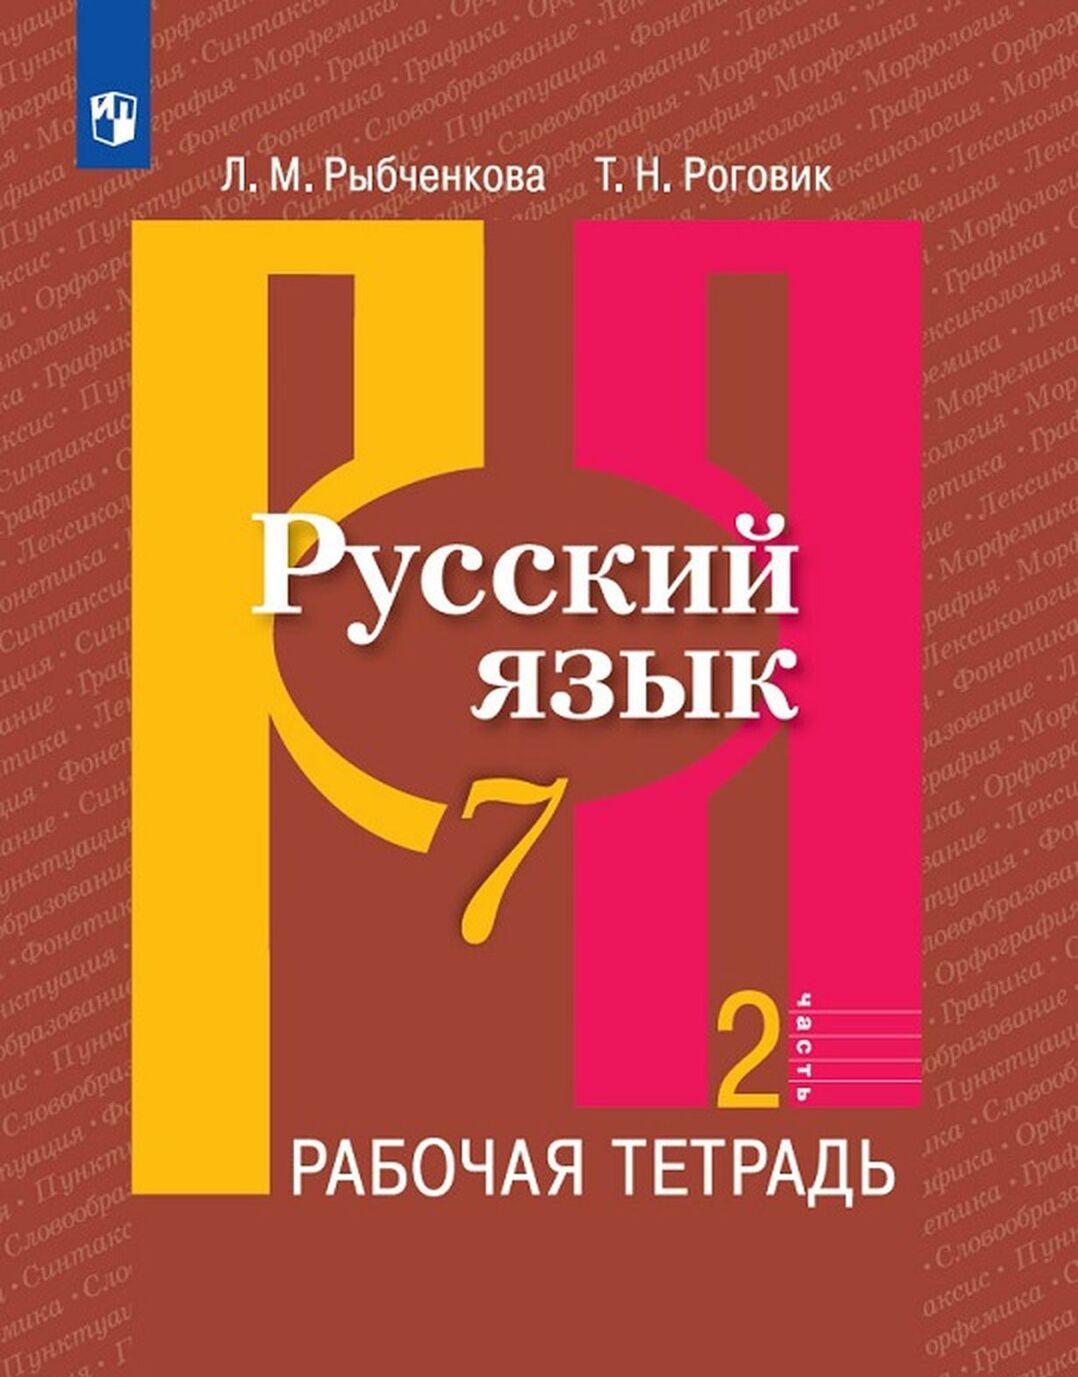 Russkij jazyk. Rabochaja tetrad. 7 klass. V dvukh chastjakh. Chast 2